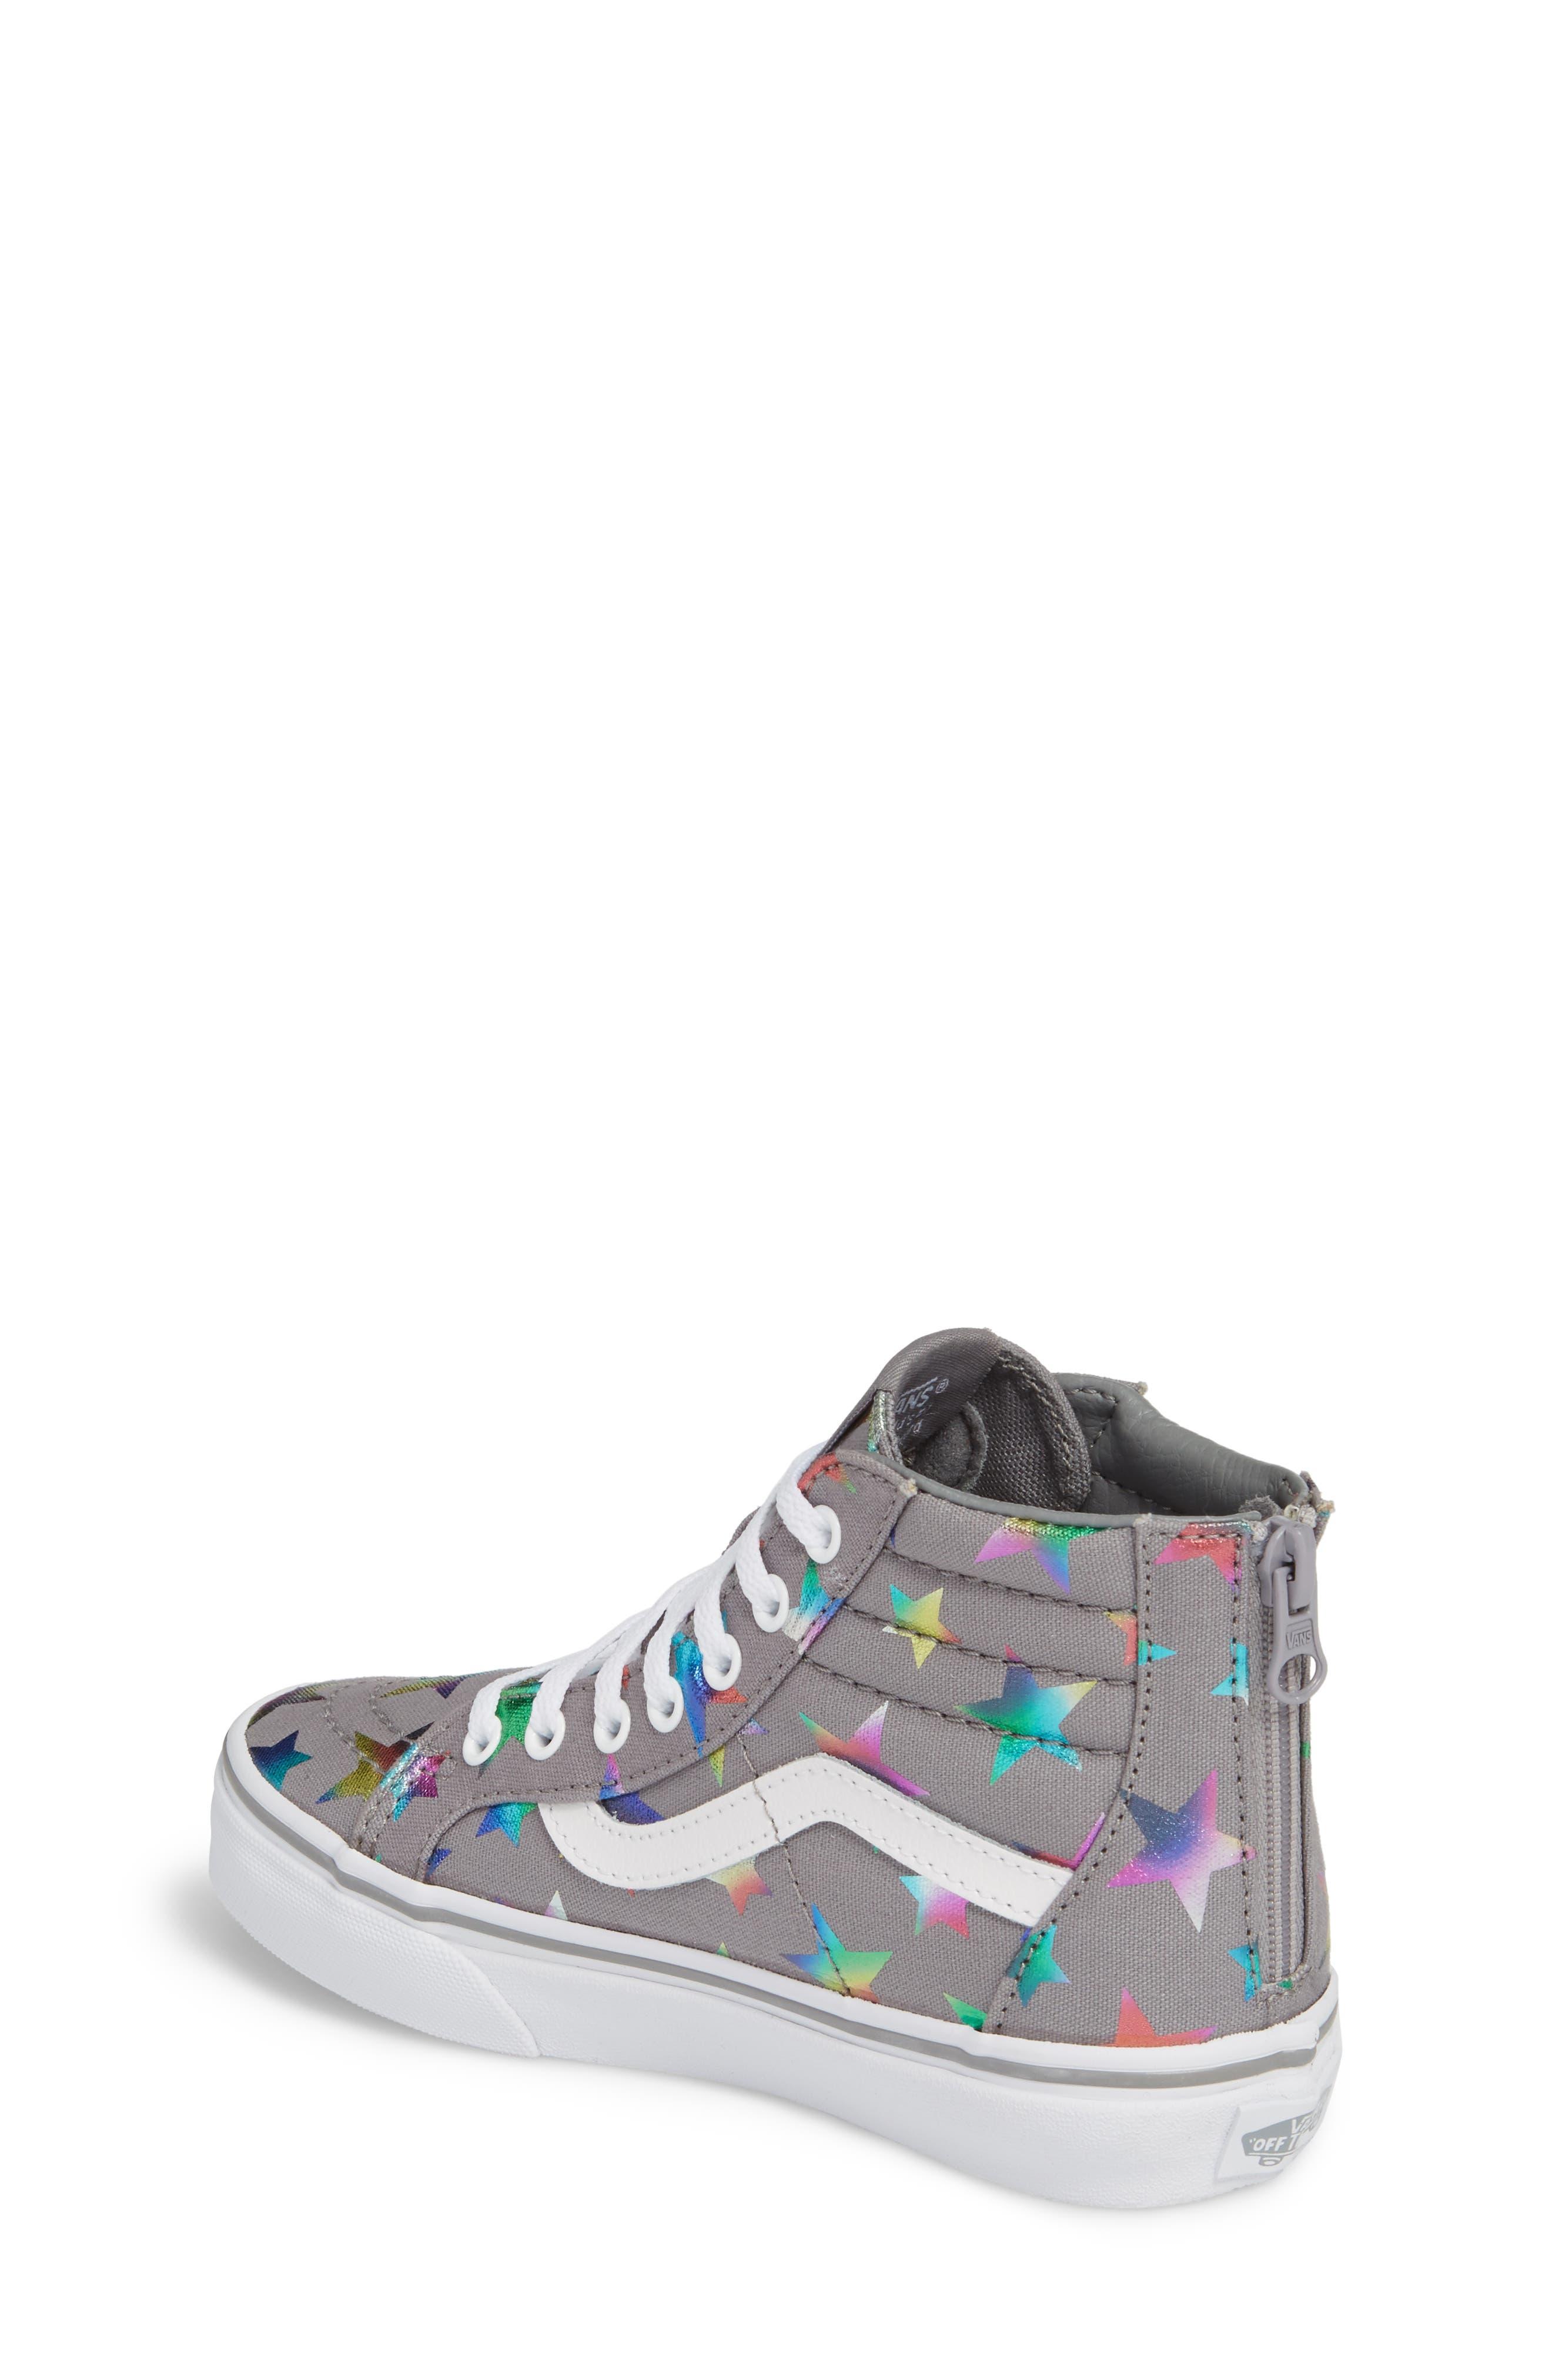 Alternate Image 2  - Vans Sk8-Hi Zip Star Print High Top Sneaker (Baby, Walker, Toddler, Little Kid & Big Kid)